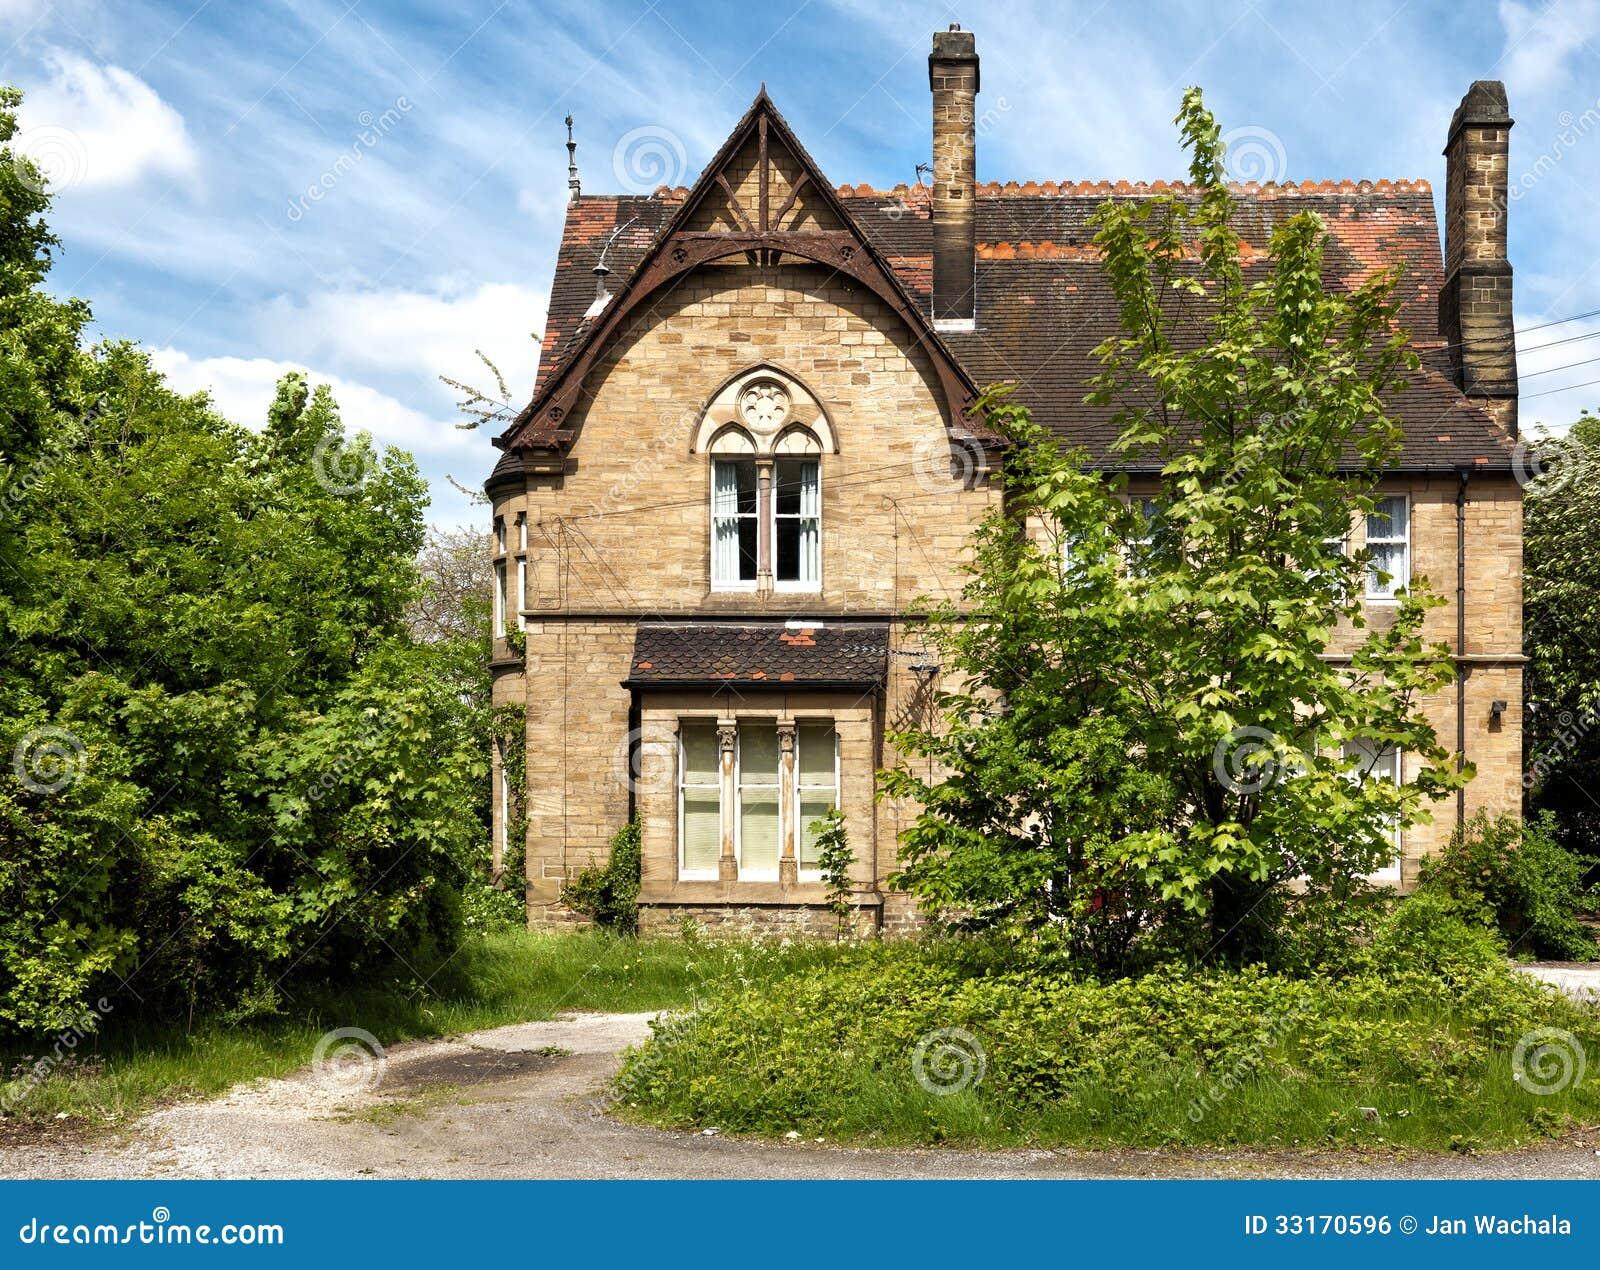 A typical english house with garden stock photo image of - Casas estilo americano ...